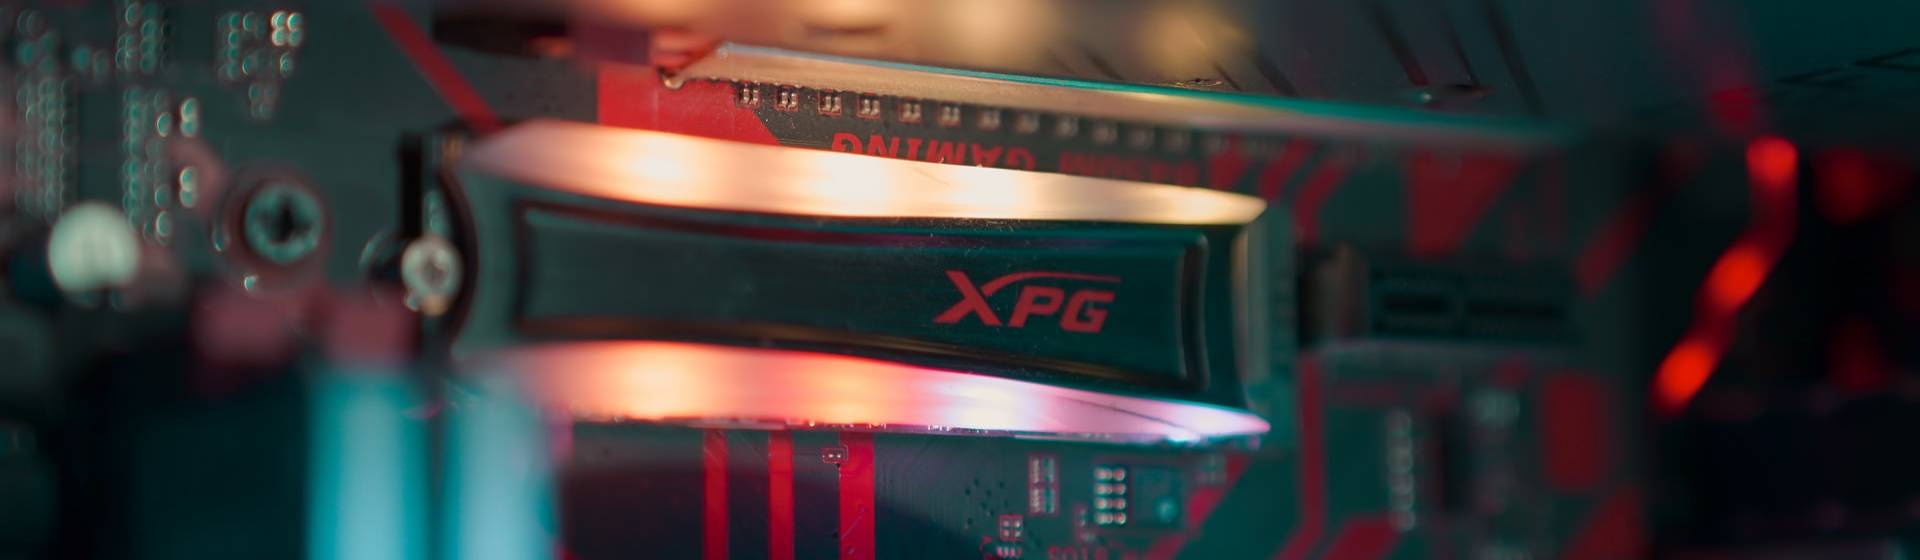 SSD NVMe: o que é essa tecnologia e quais suas vantagens?